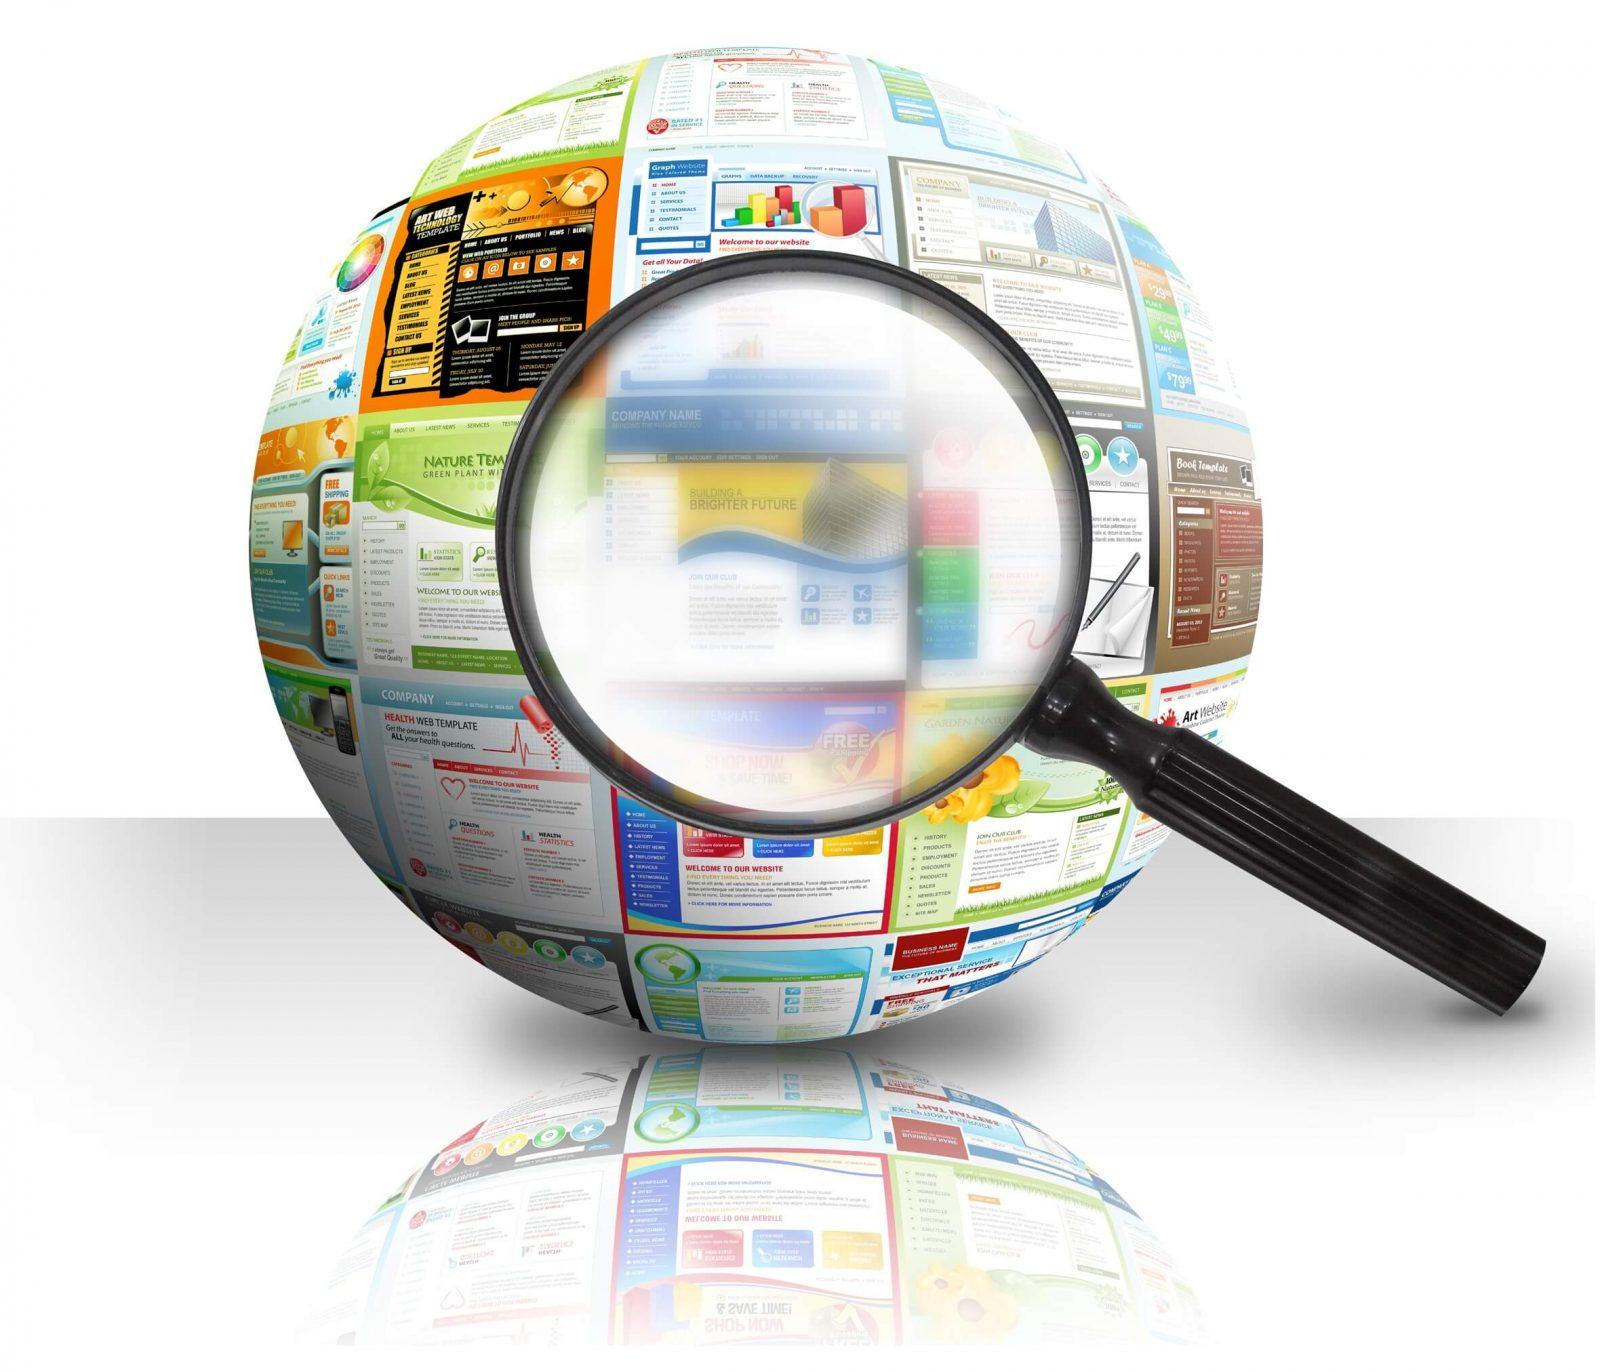 Как выгодно продать свой сайт?